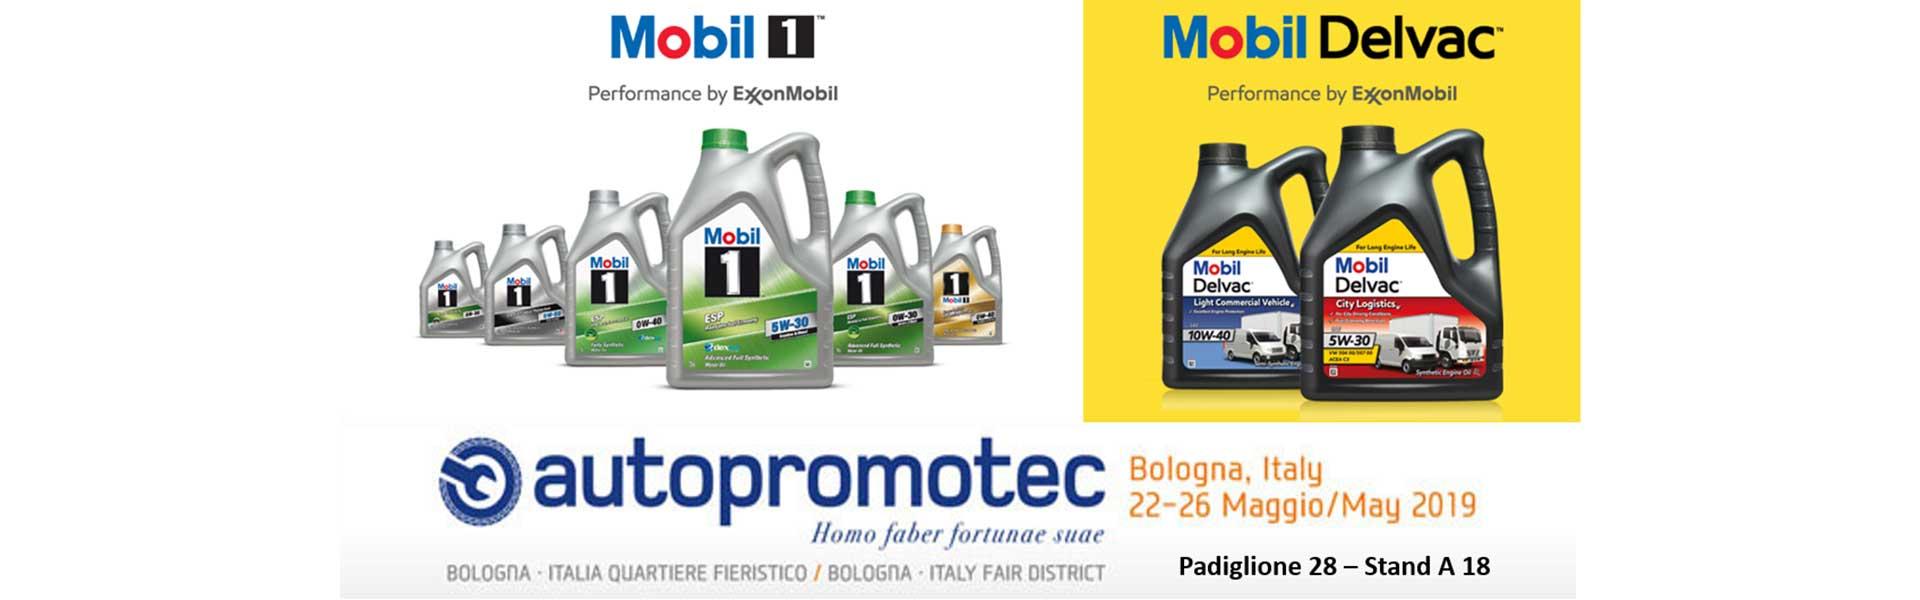 autopromotec bologna - TBM lubrificanti